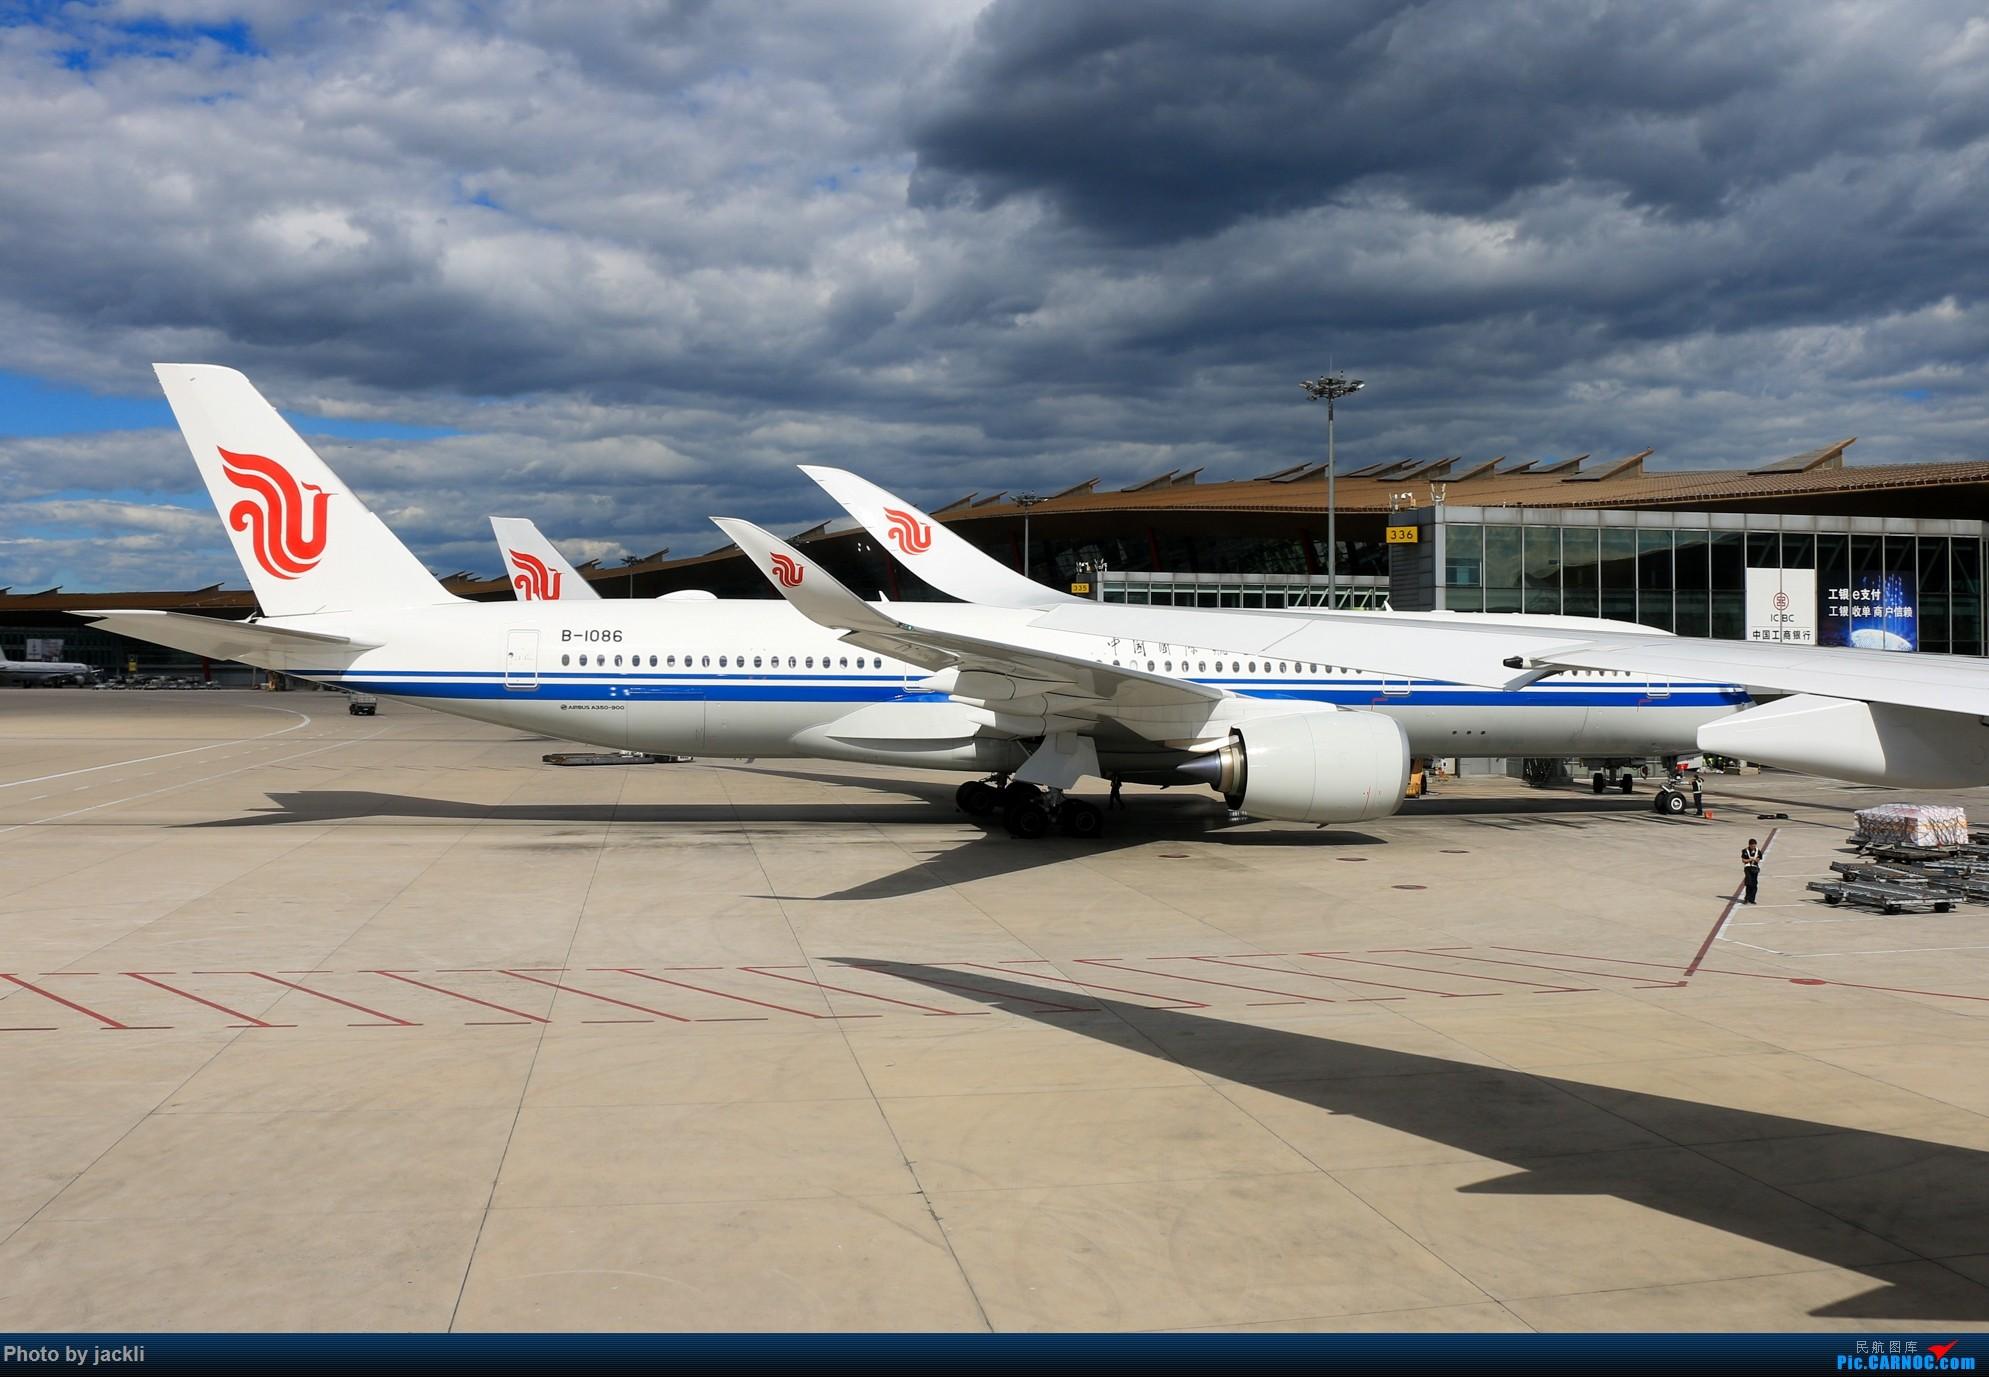 Re:[原创]【JackLi拍机+游记】北京首都机场拍机+参观民航博物馆+首次体验国航A350~ AIRBUS A350-900 B-1085 中国北京首都国际机场